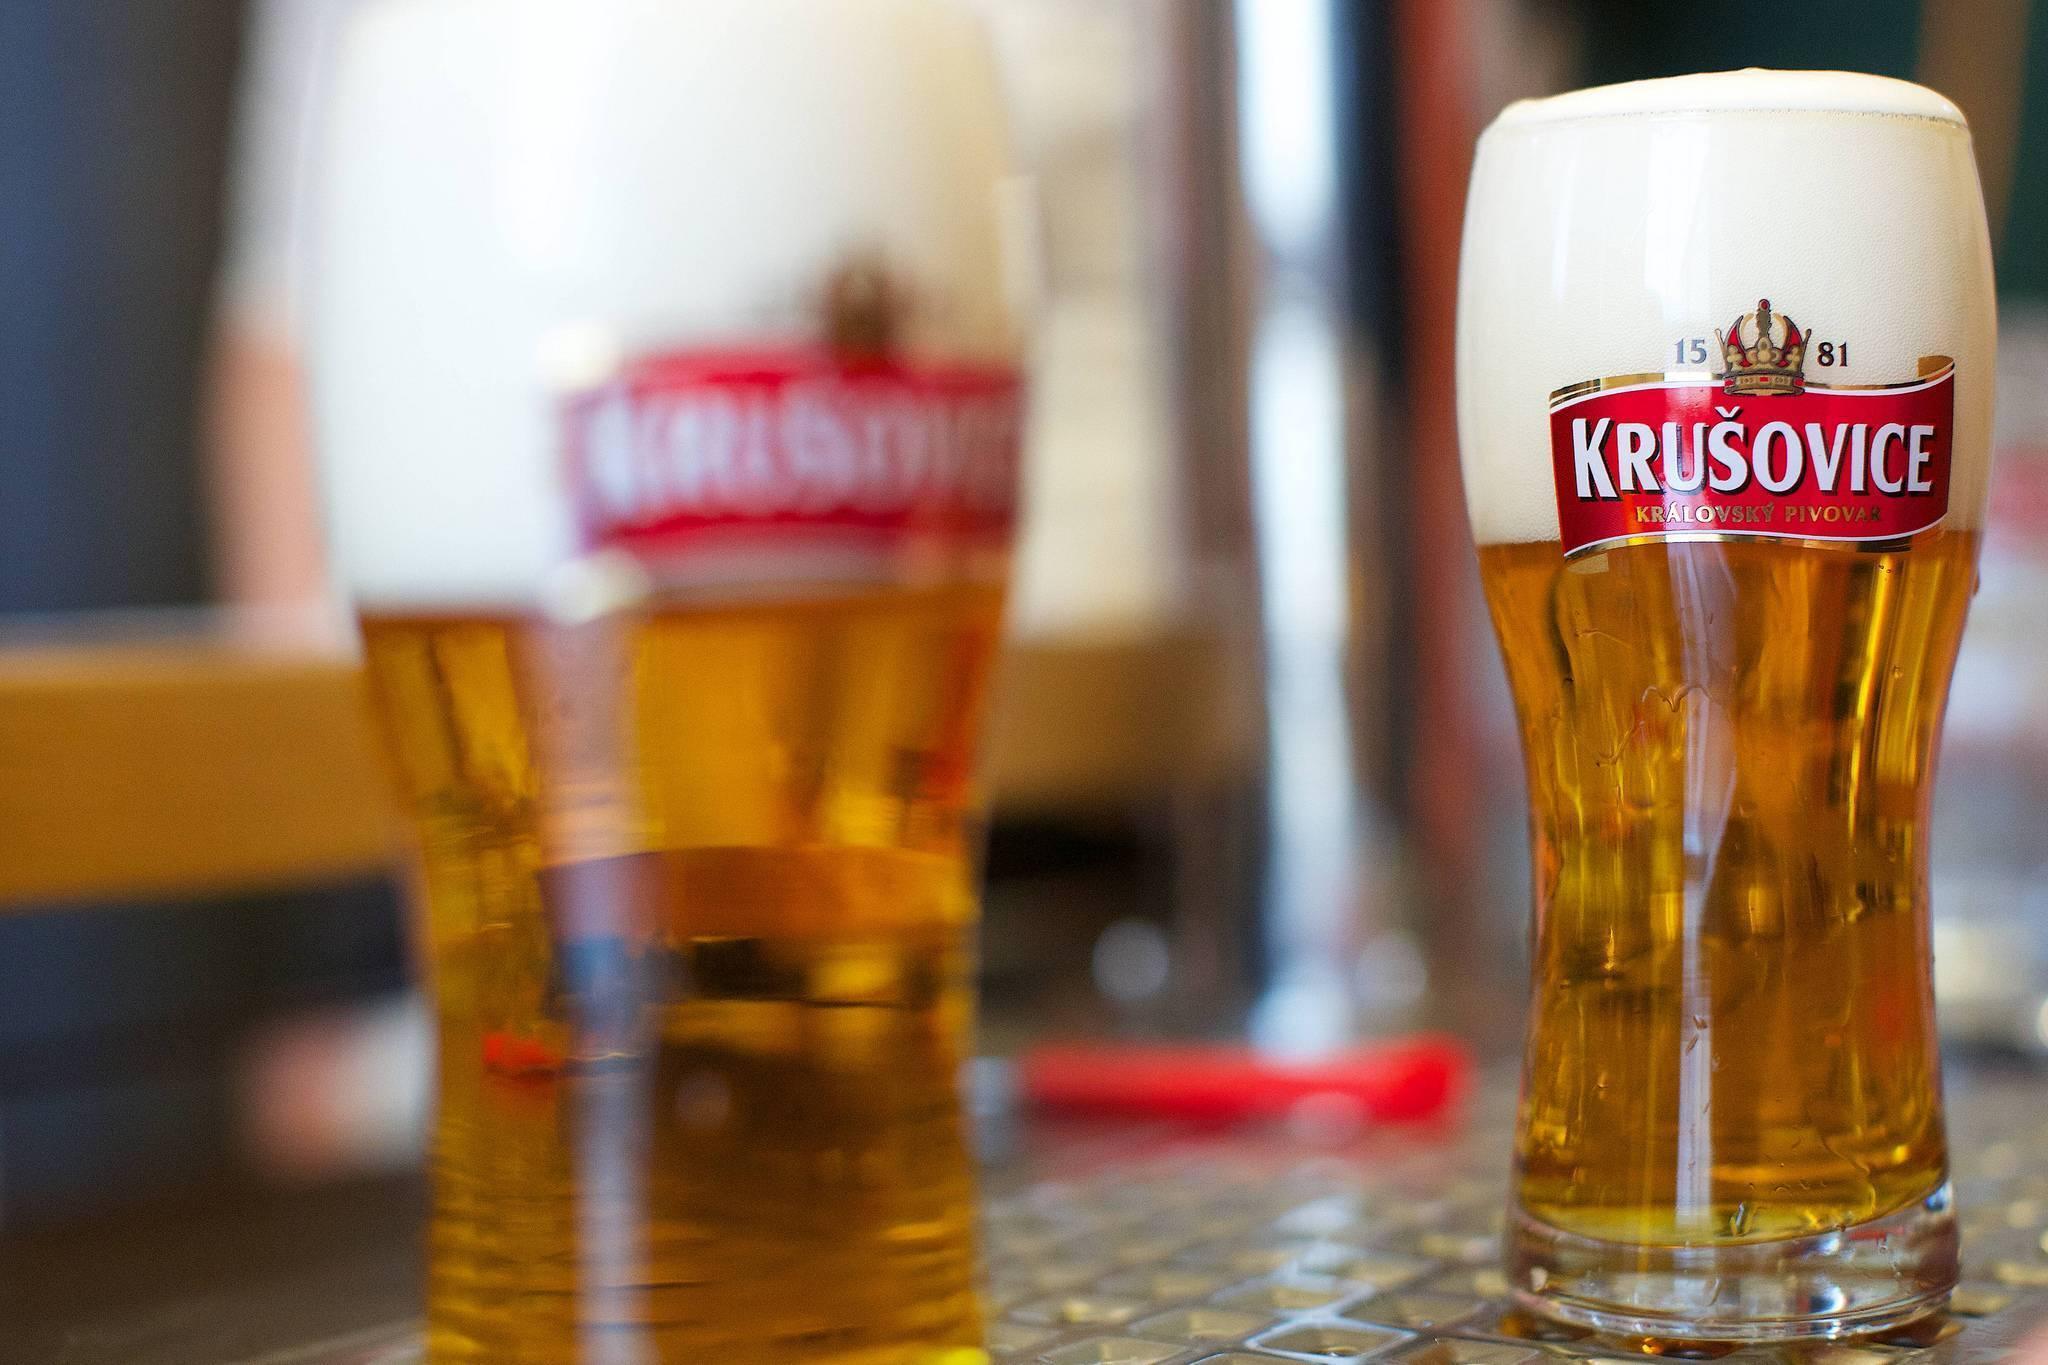 Пиво крушовице: история, особенности